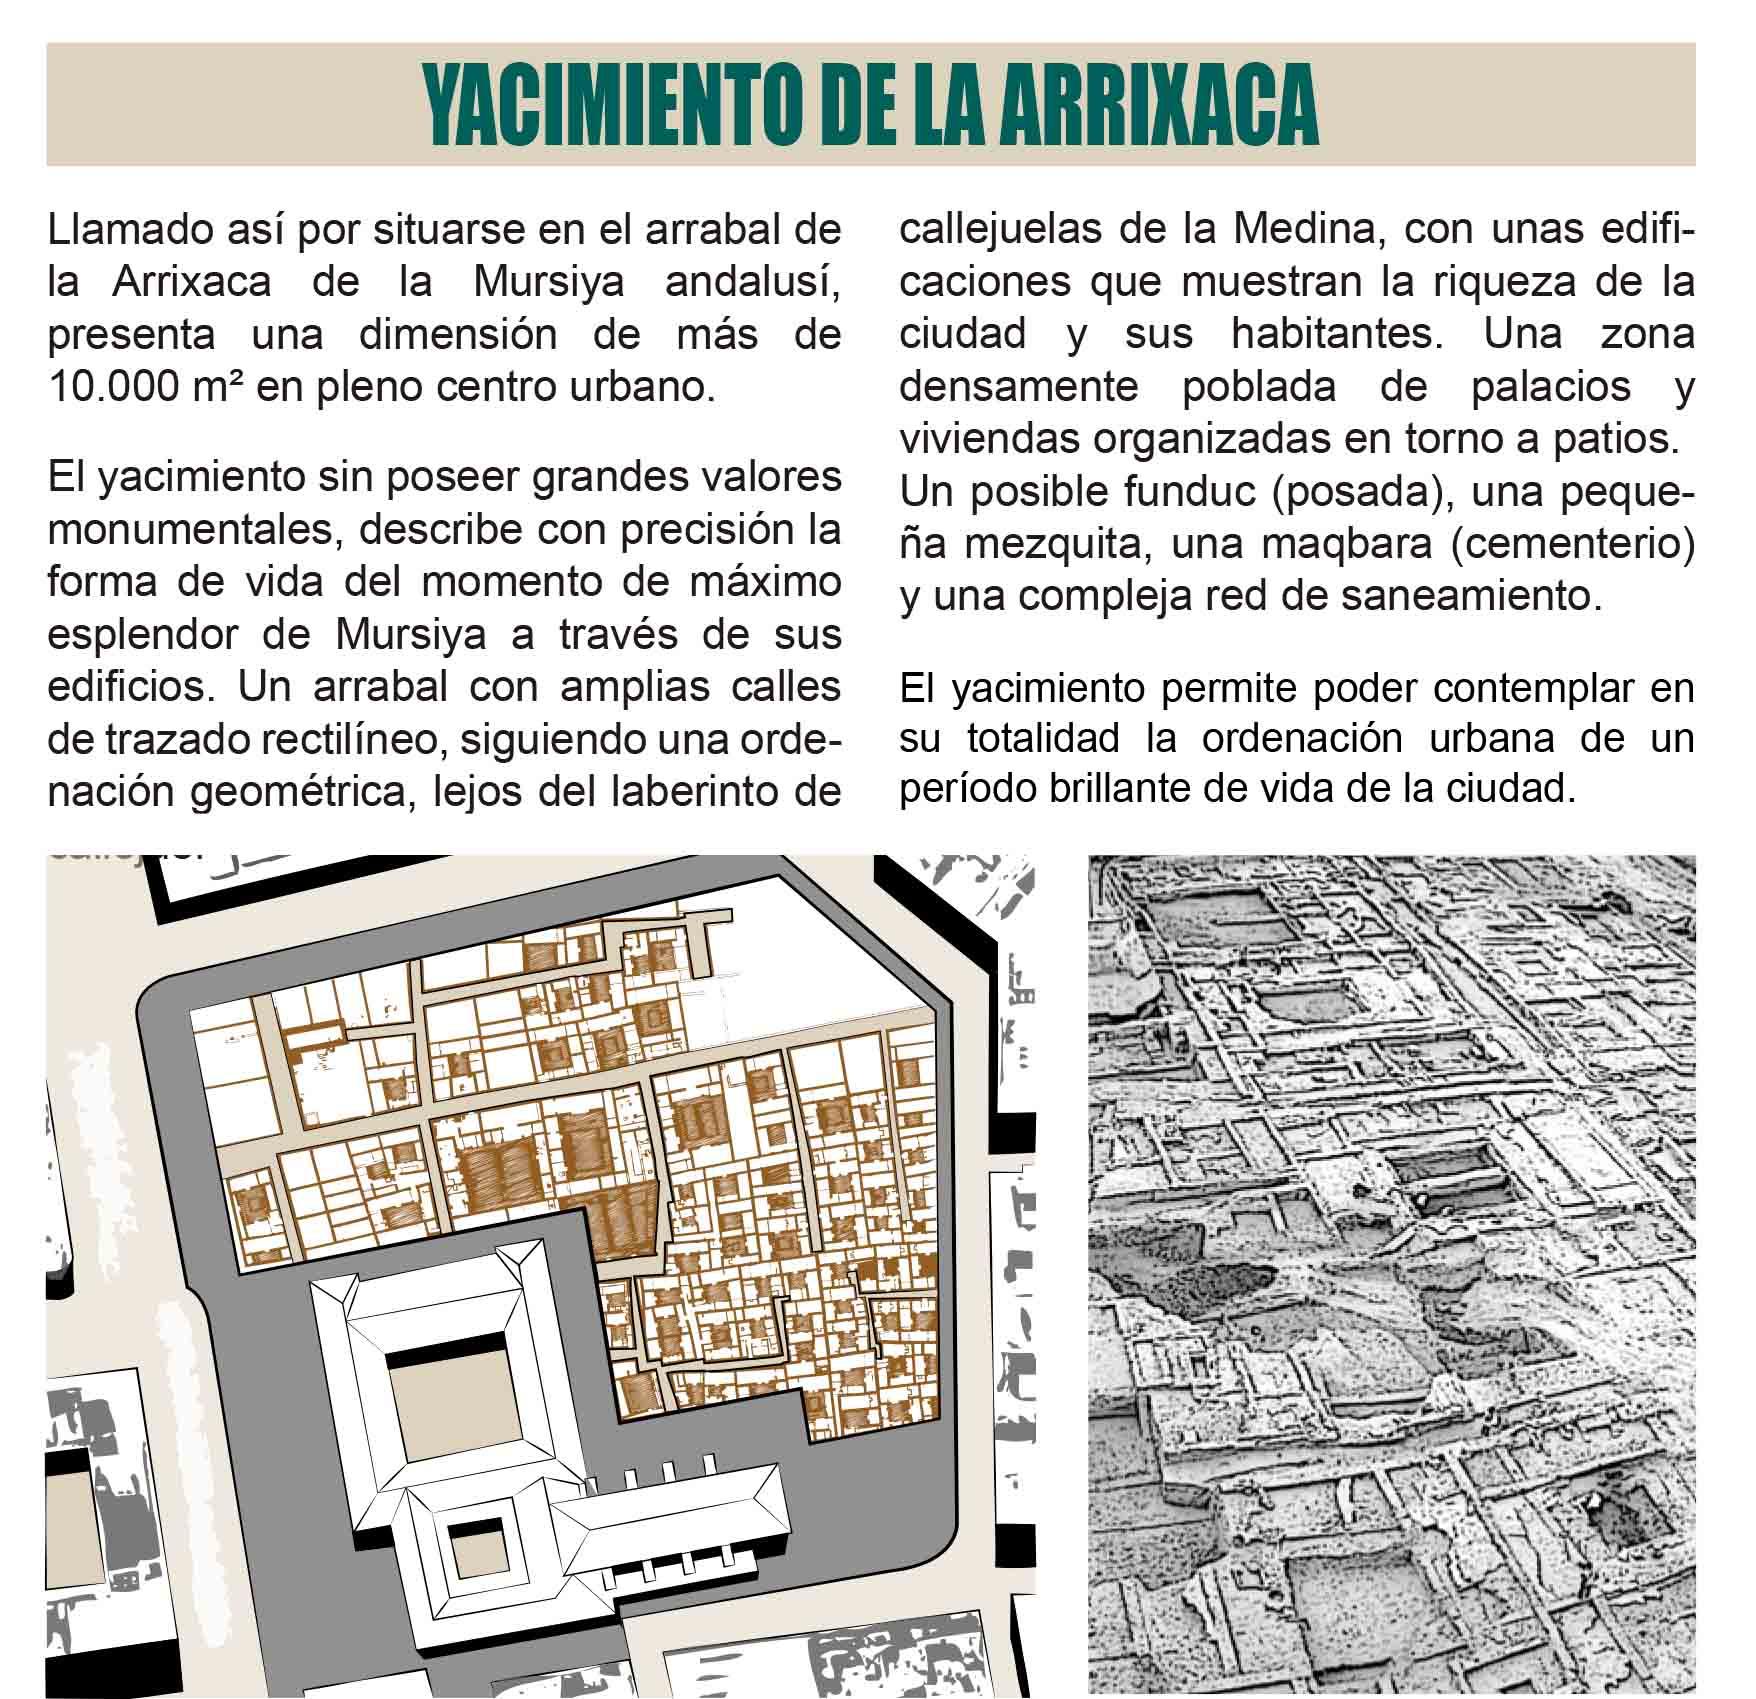 Yacimiento Arrixaca Murcia